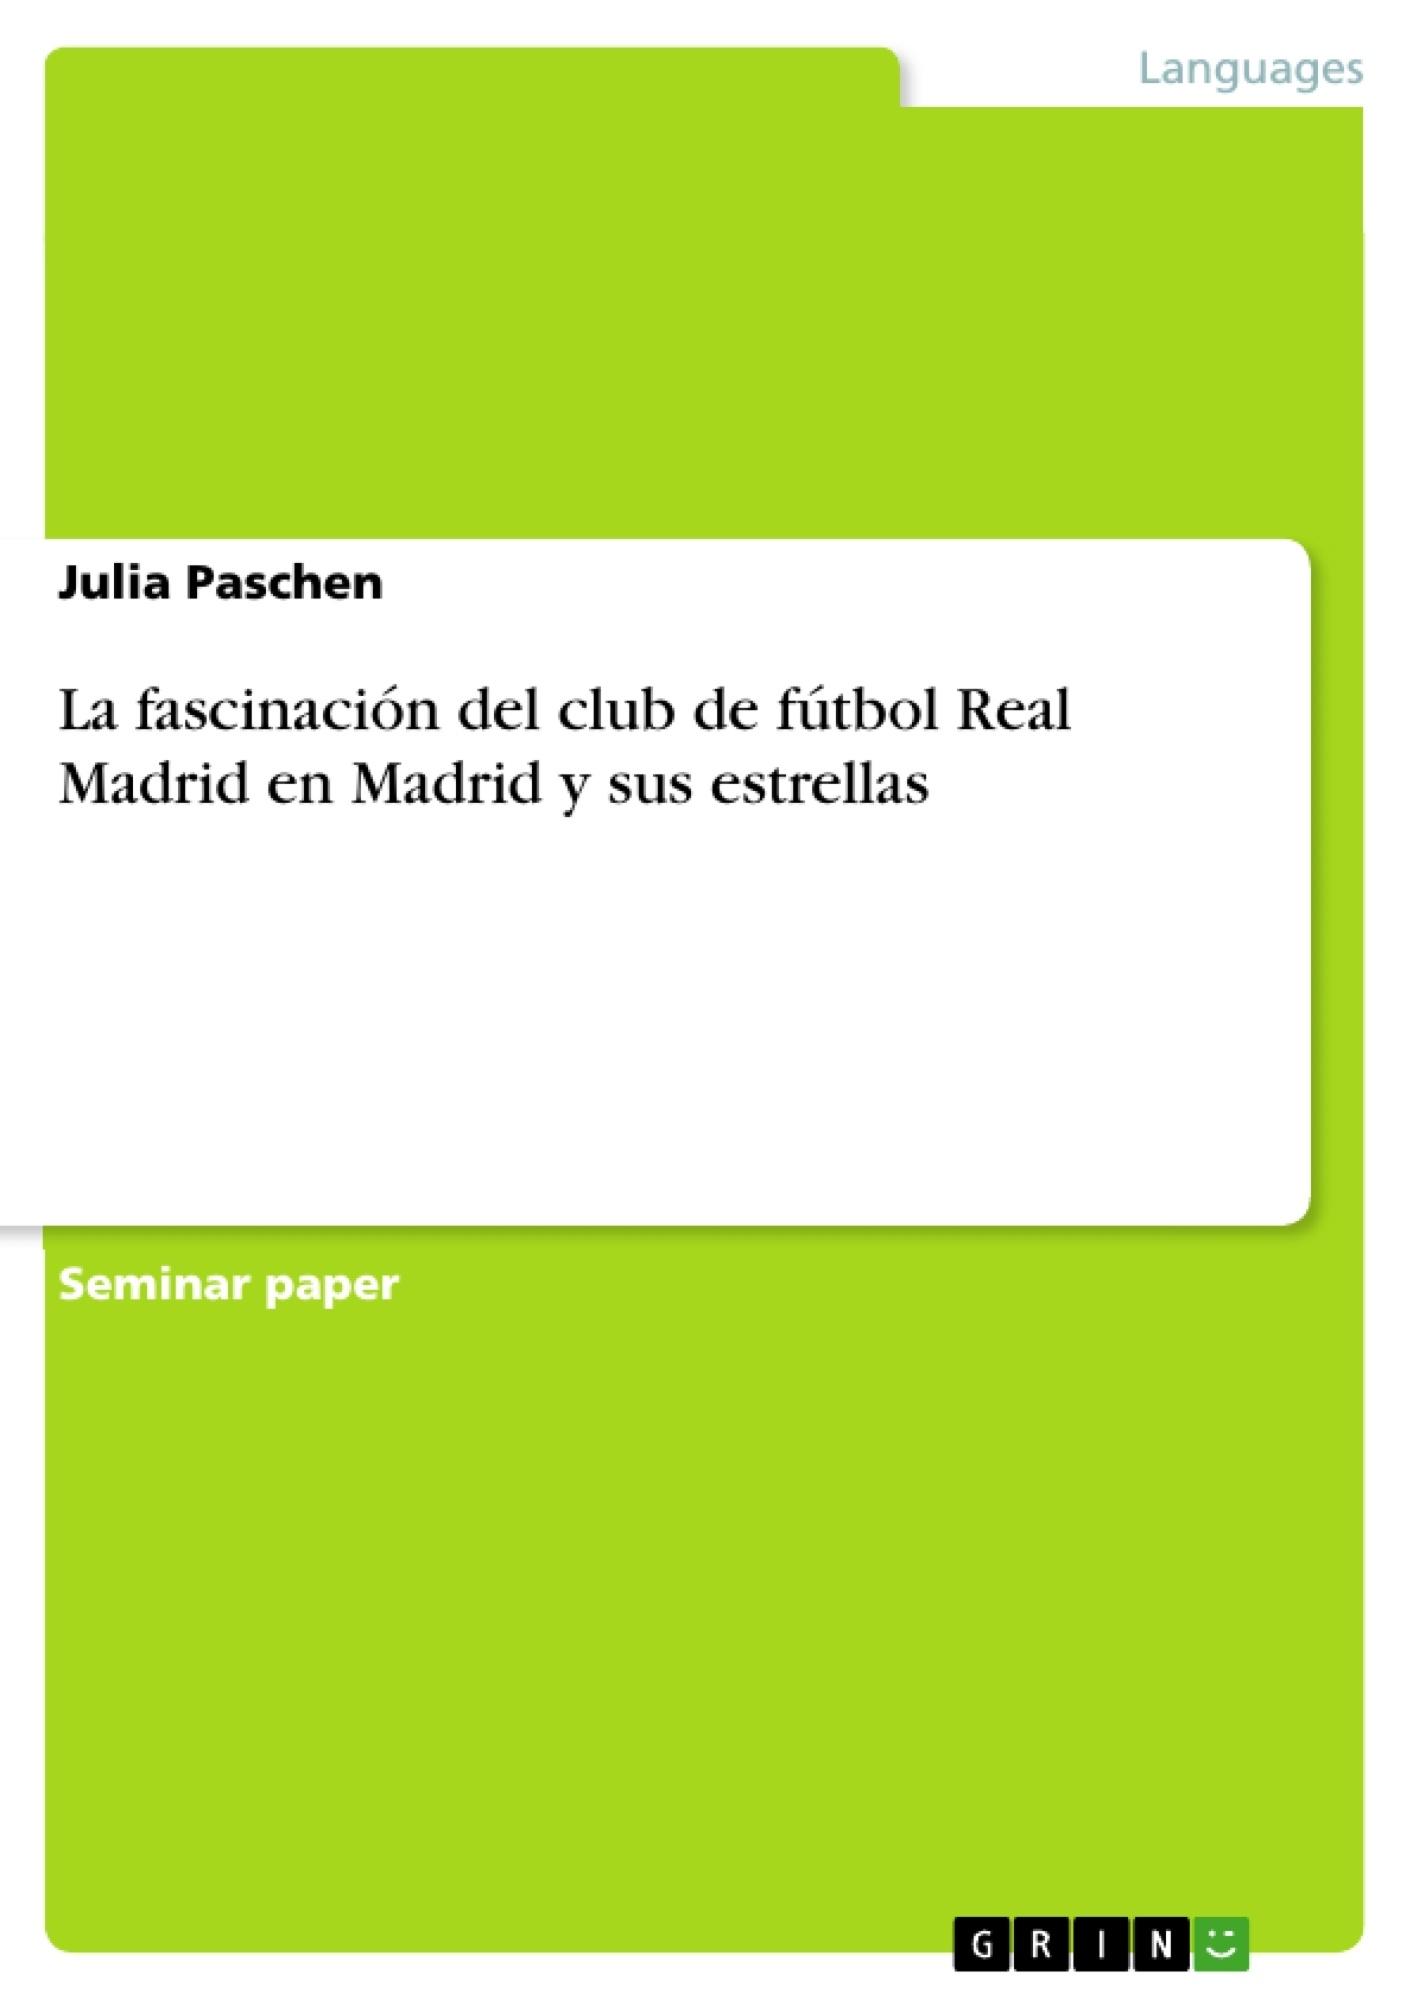 Título: La fascinación del club de fútbol Real Madrid en Madrid y sus estrellas